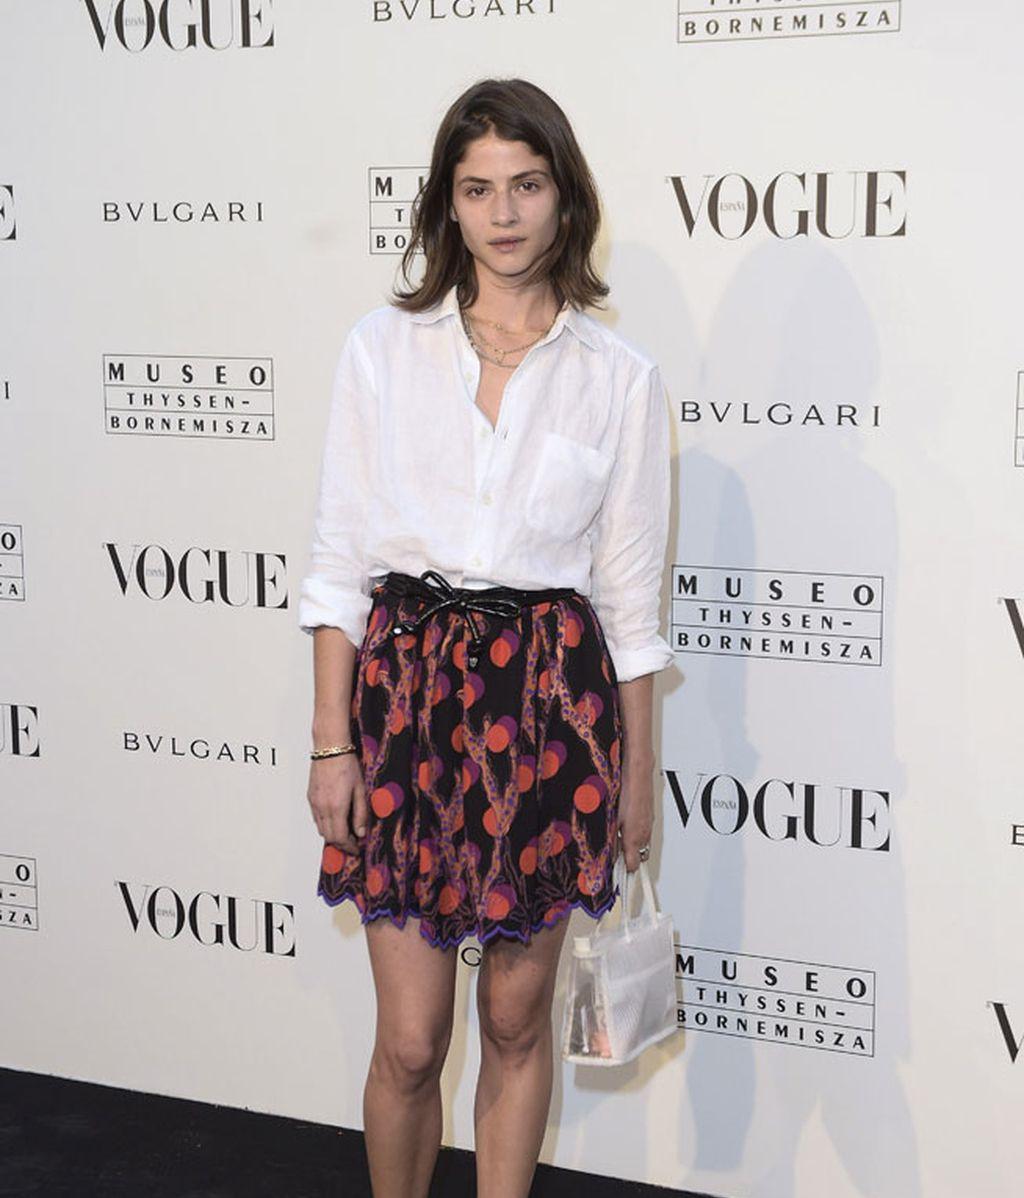 Camisa básica y falda estampada para la modelo Alba Galocha